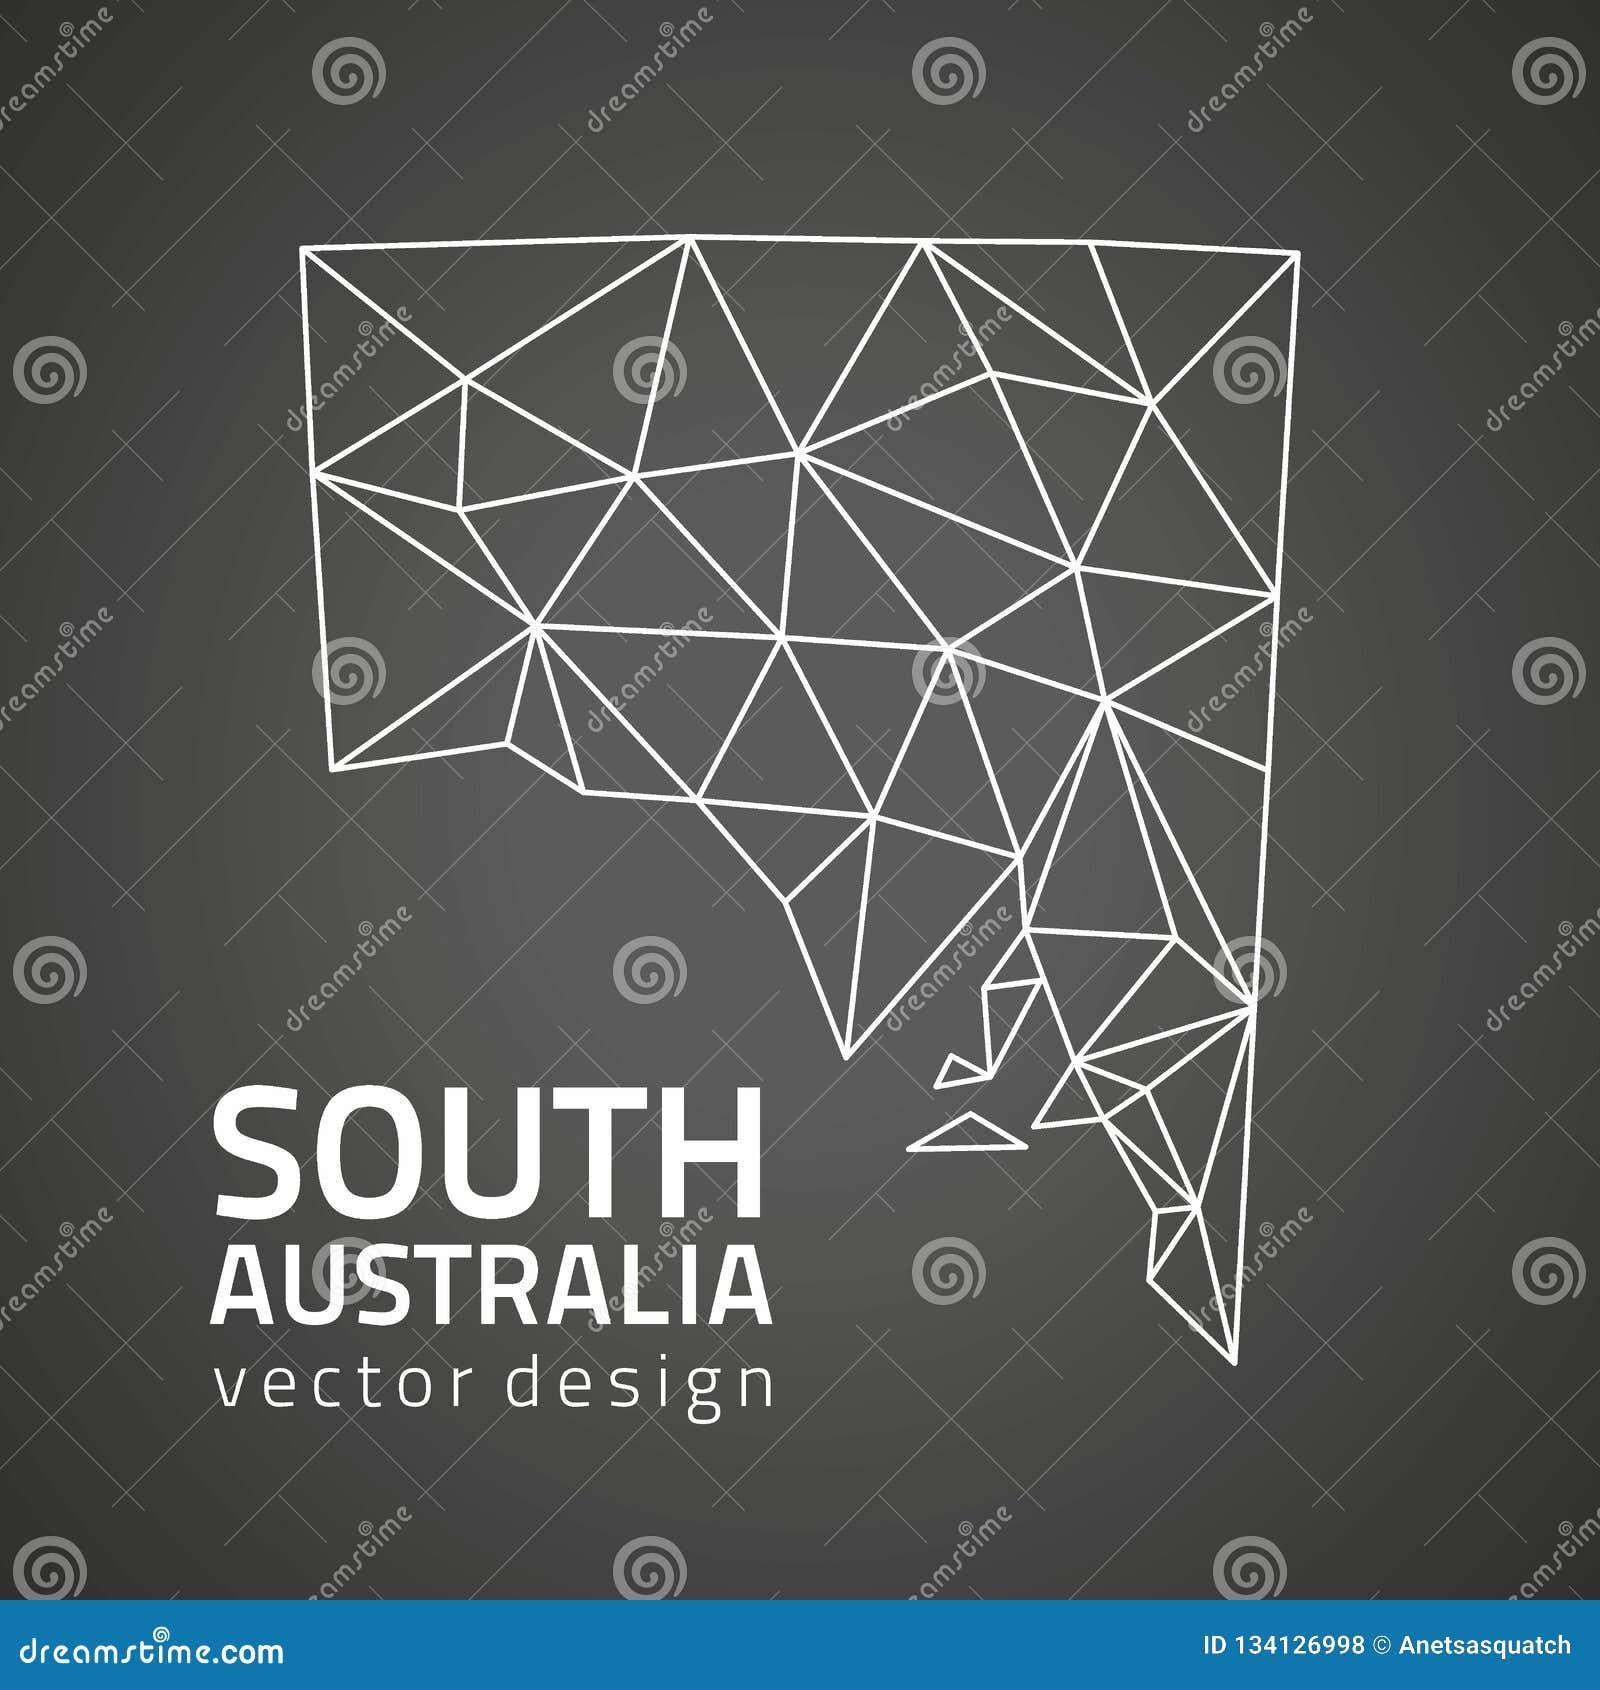 3d Map Of South Australia.South Australia Vector Mosaic Contour 3d Black Map Stock Vector